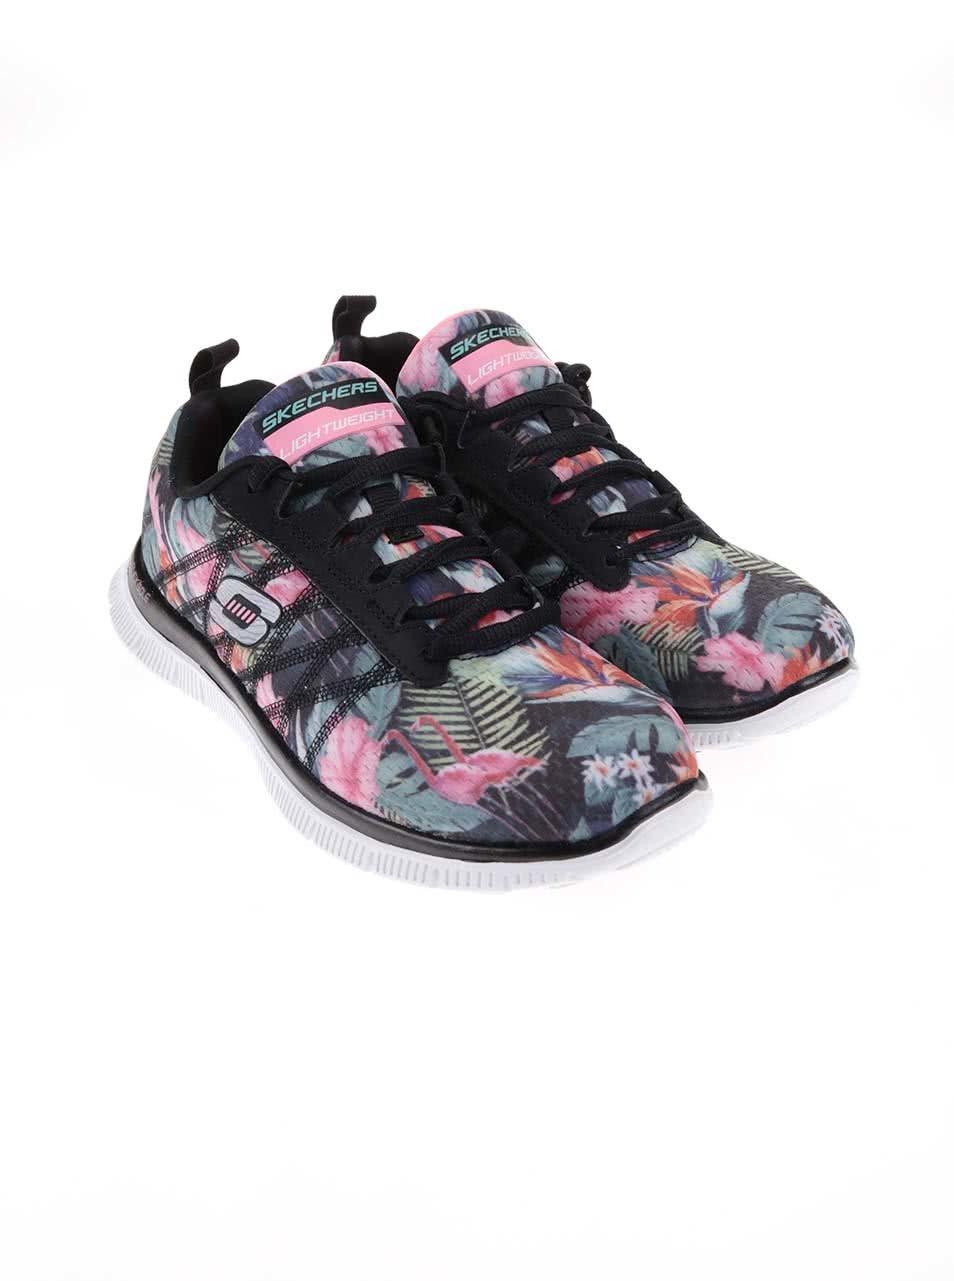 533d87ba22ac2 Farebné dámske športové tenisky so vzorom Skechers Floral Bloom ...